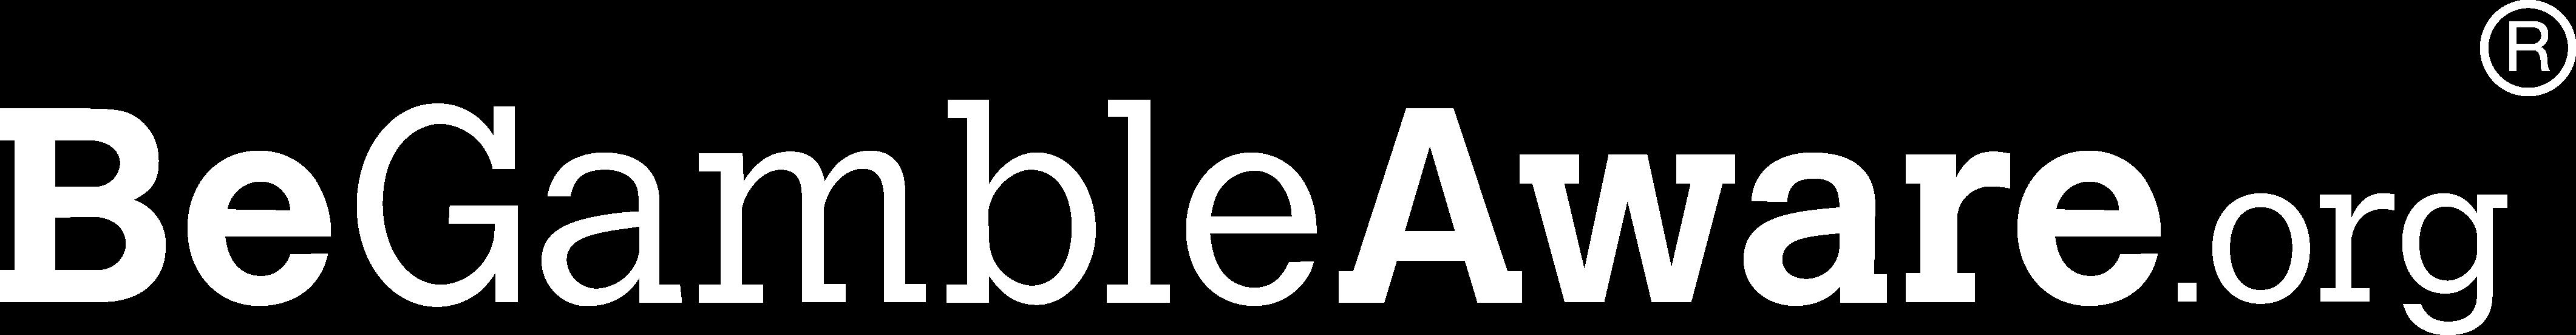 begambleaware